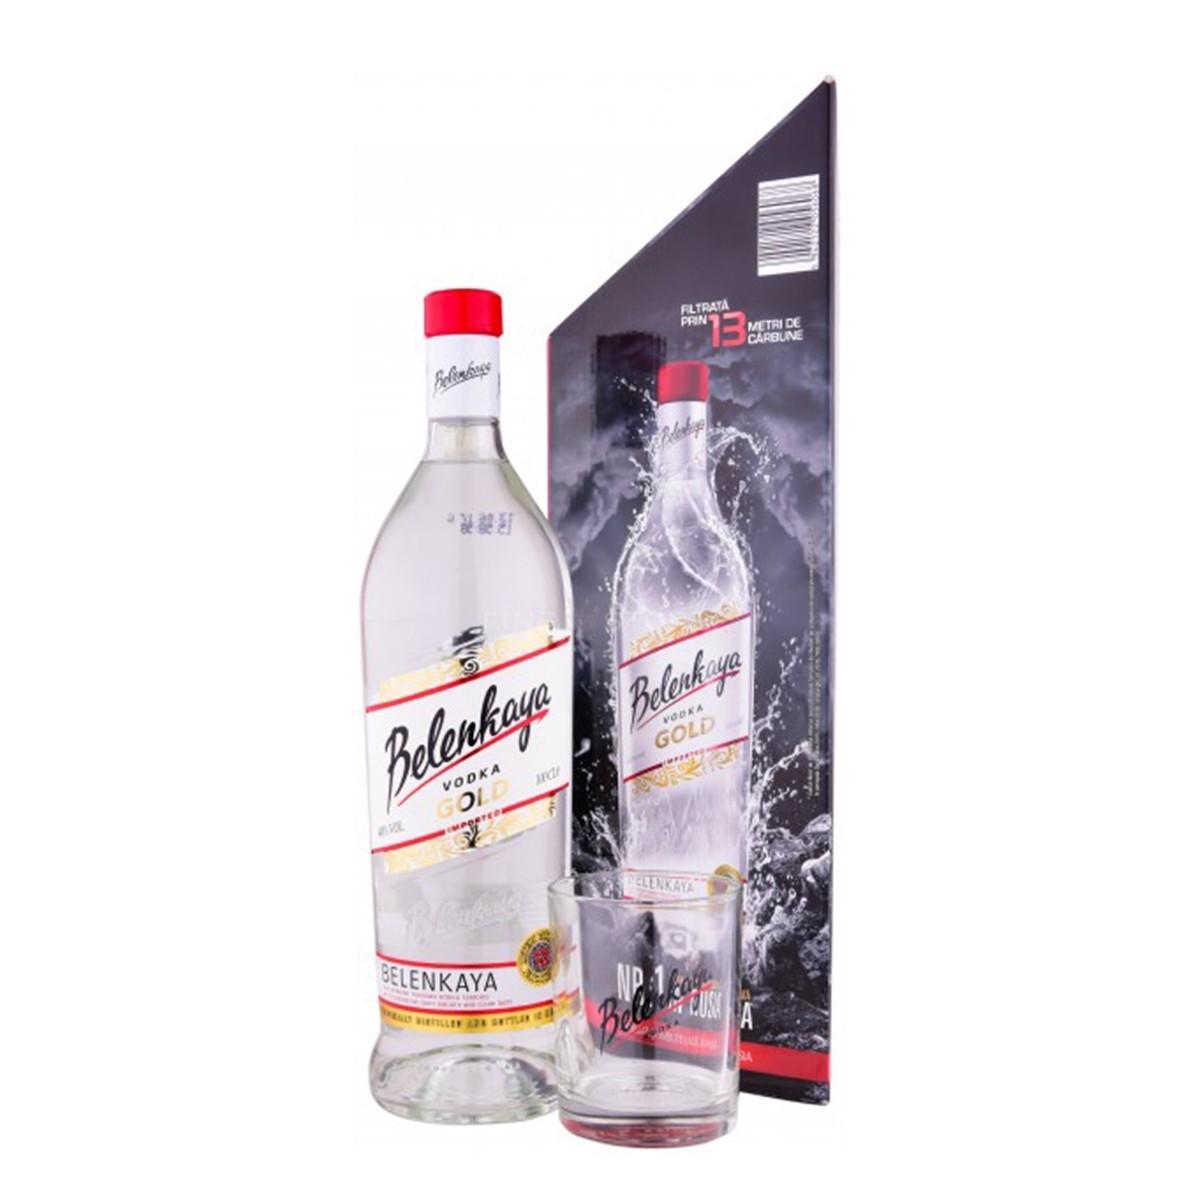 Belenkaya 1000 ml + PAHAR